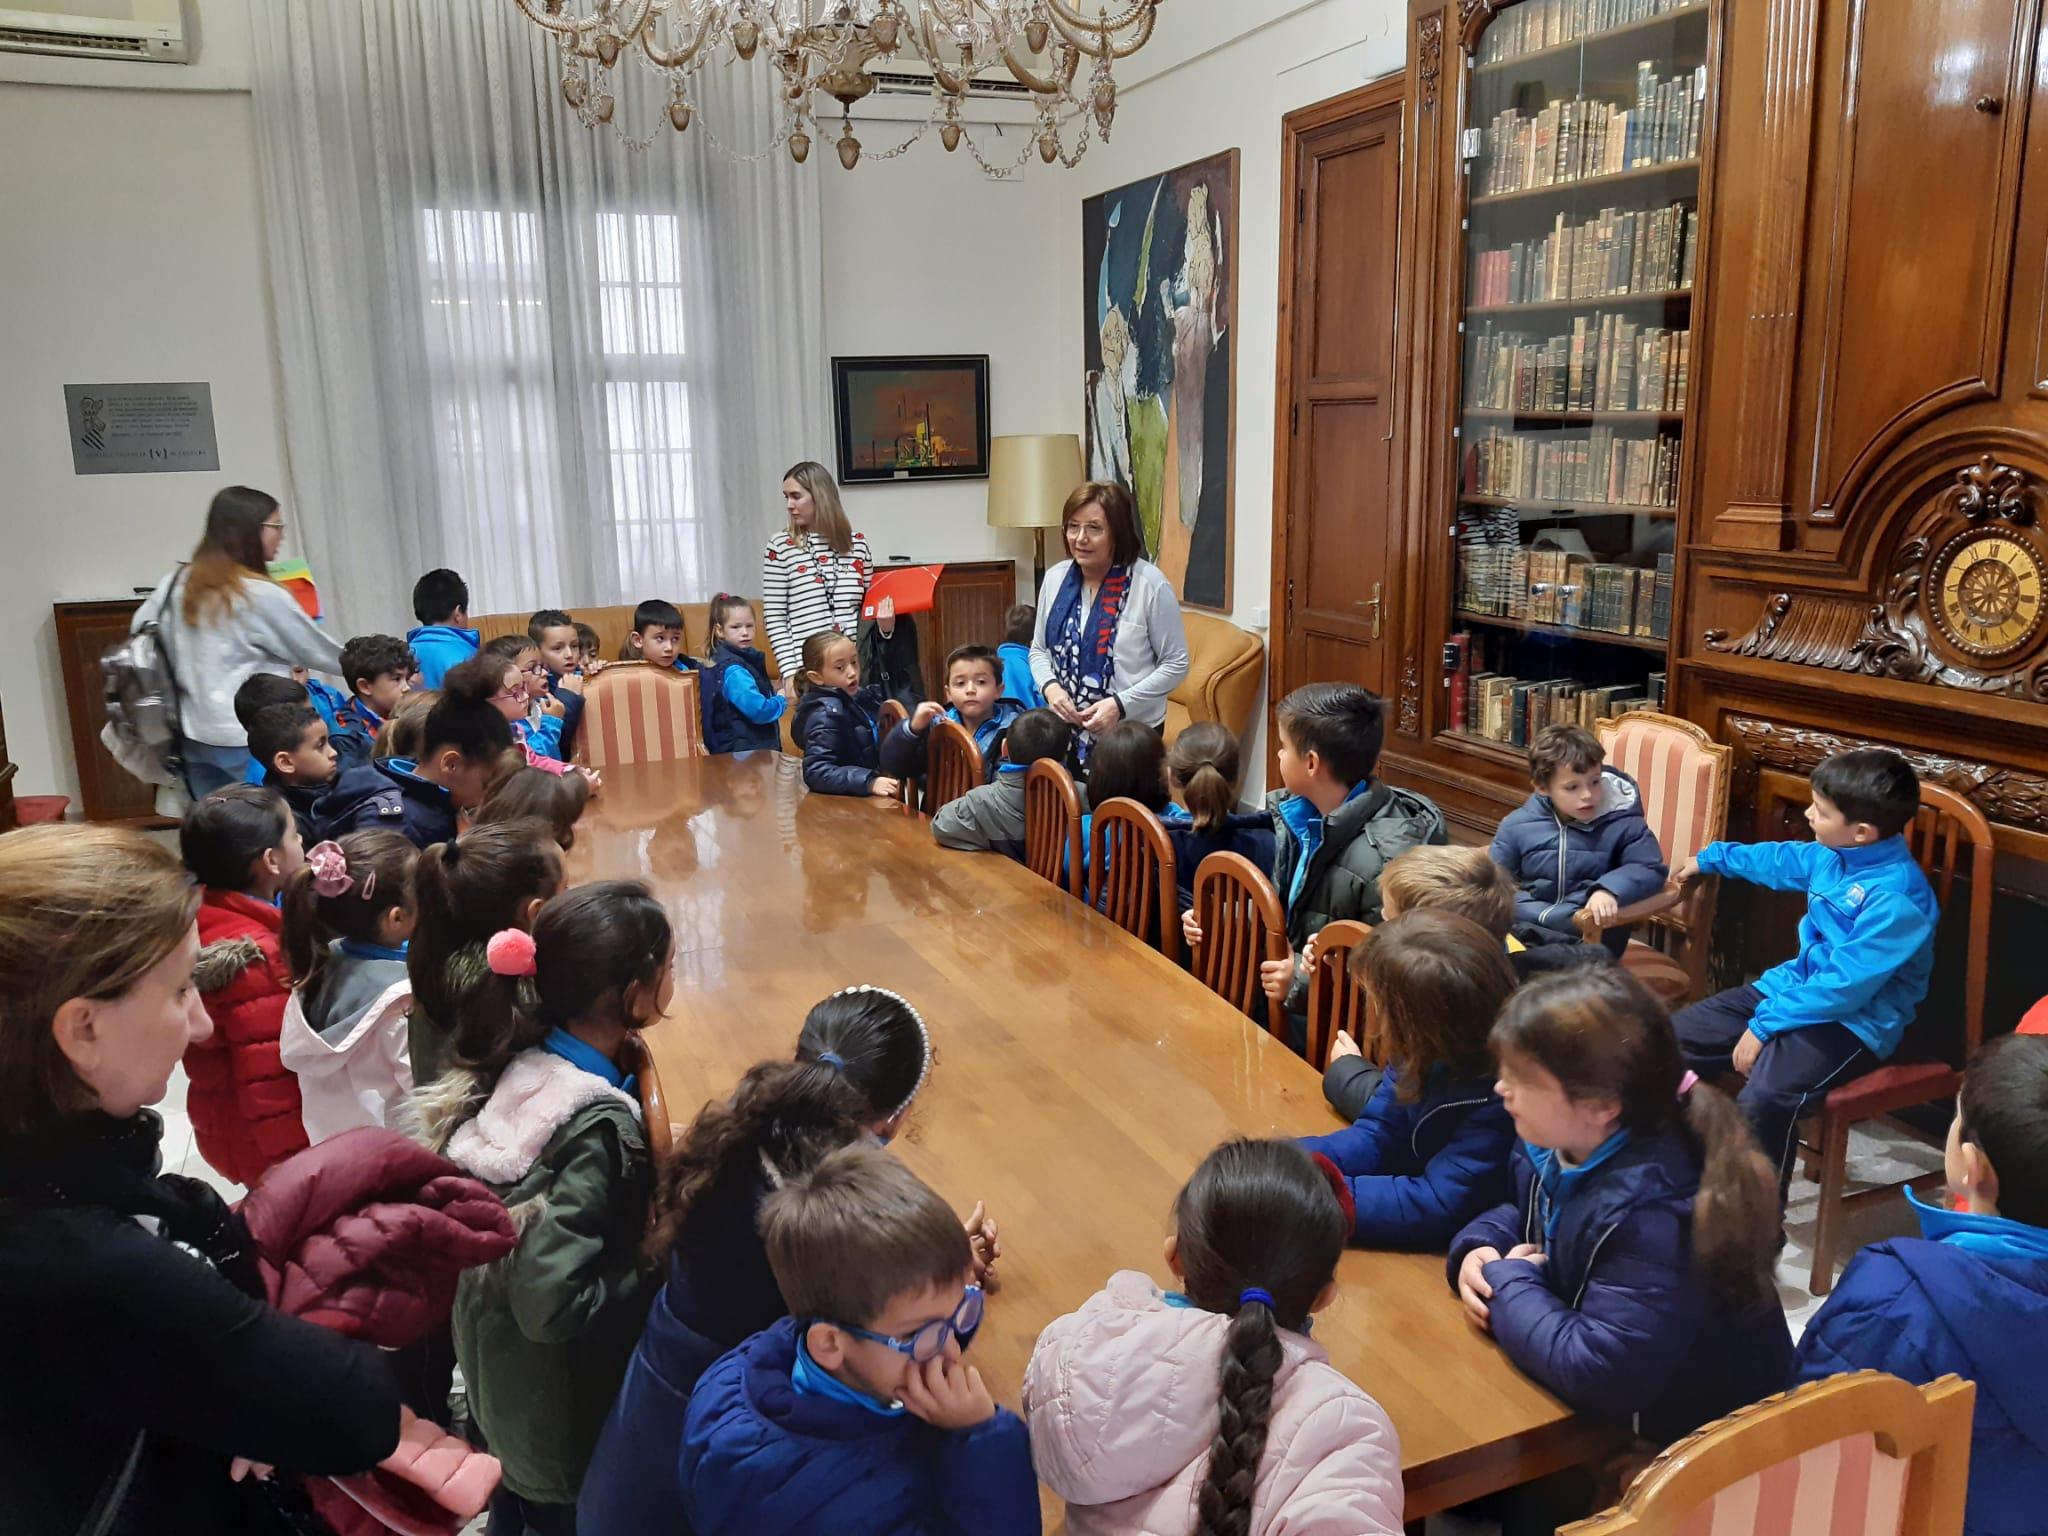 Benicarló; Visita dels alumnes del CEIP Àngel Esteban a l'Ajuntament de Benicarló